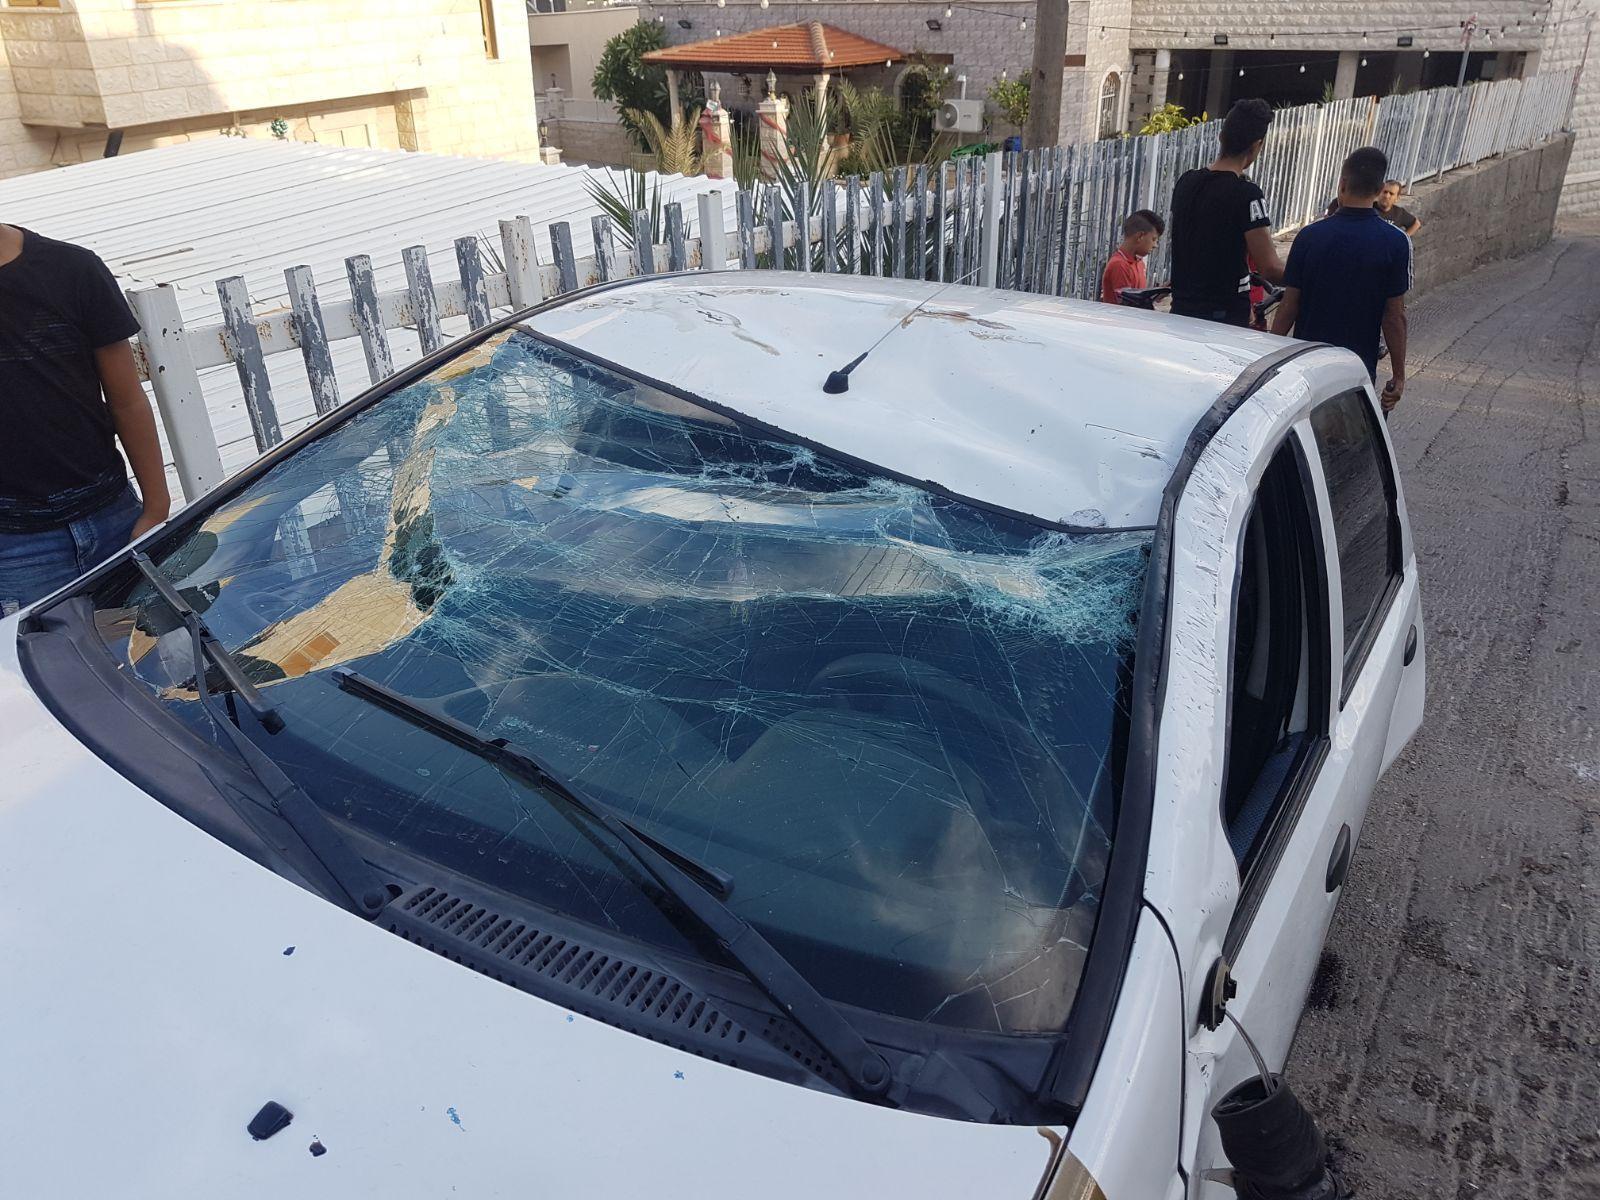 مجد الكروم: مطاردة بوليسية تنتهي بحادث طرق مروع